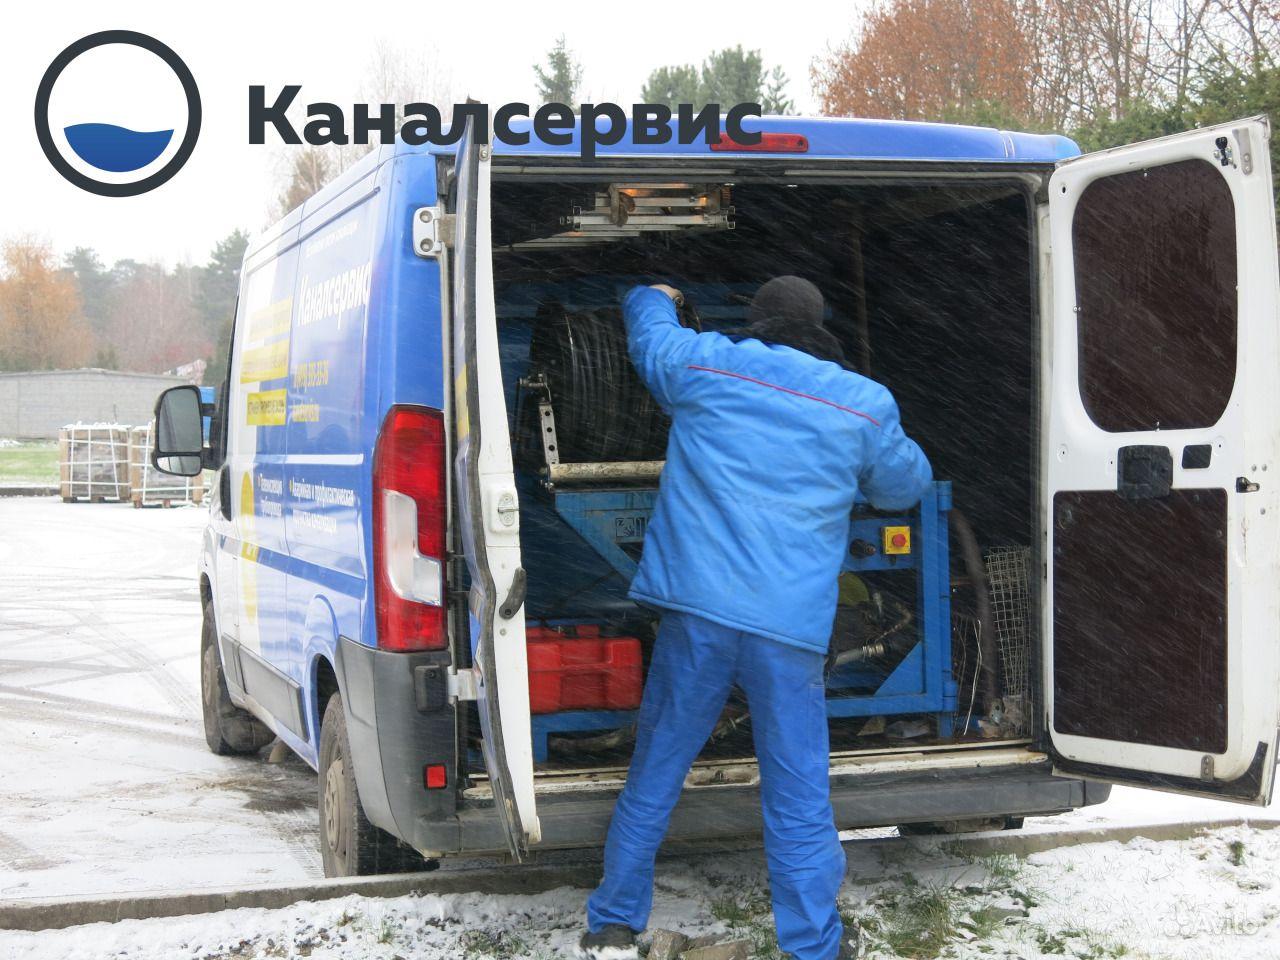 Устранение засоров прочистка труб канализации 24/7 купить на Вуёк.ру - фотография № 3